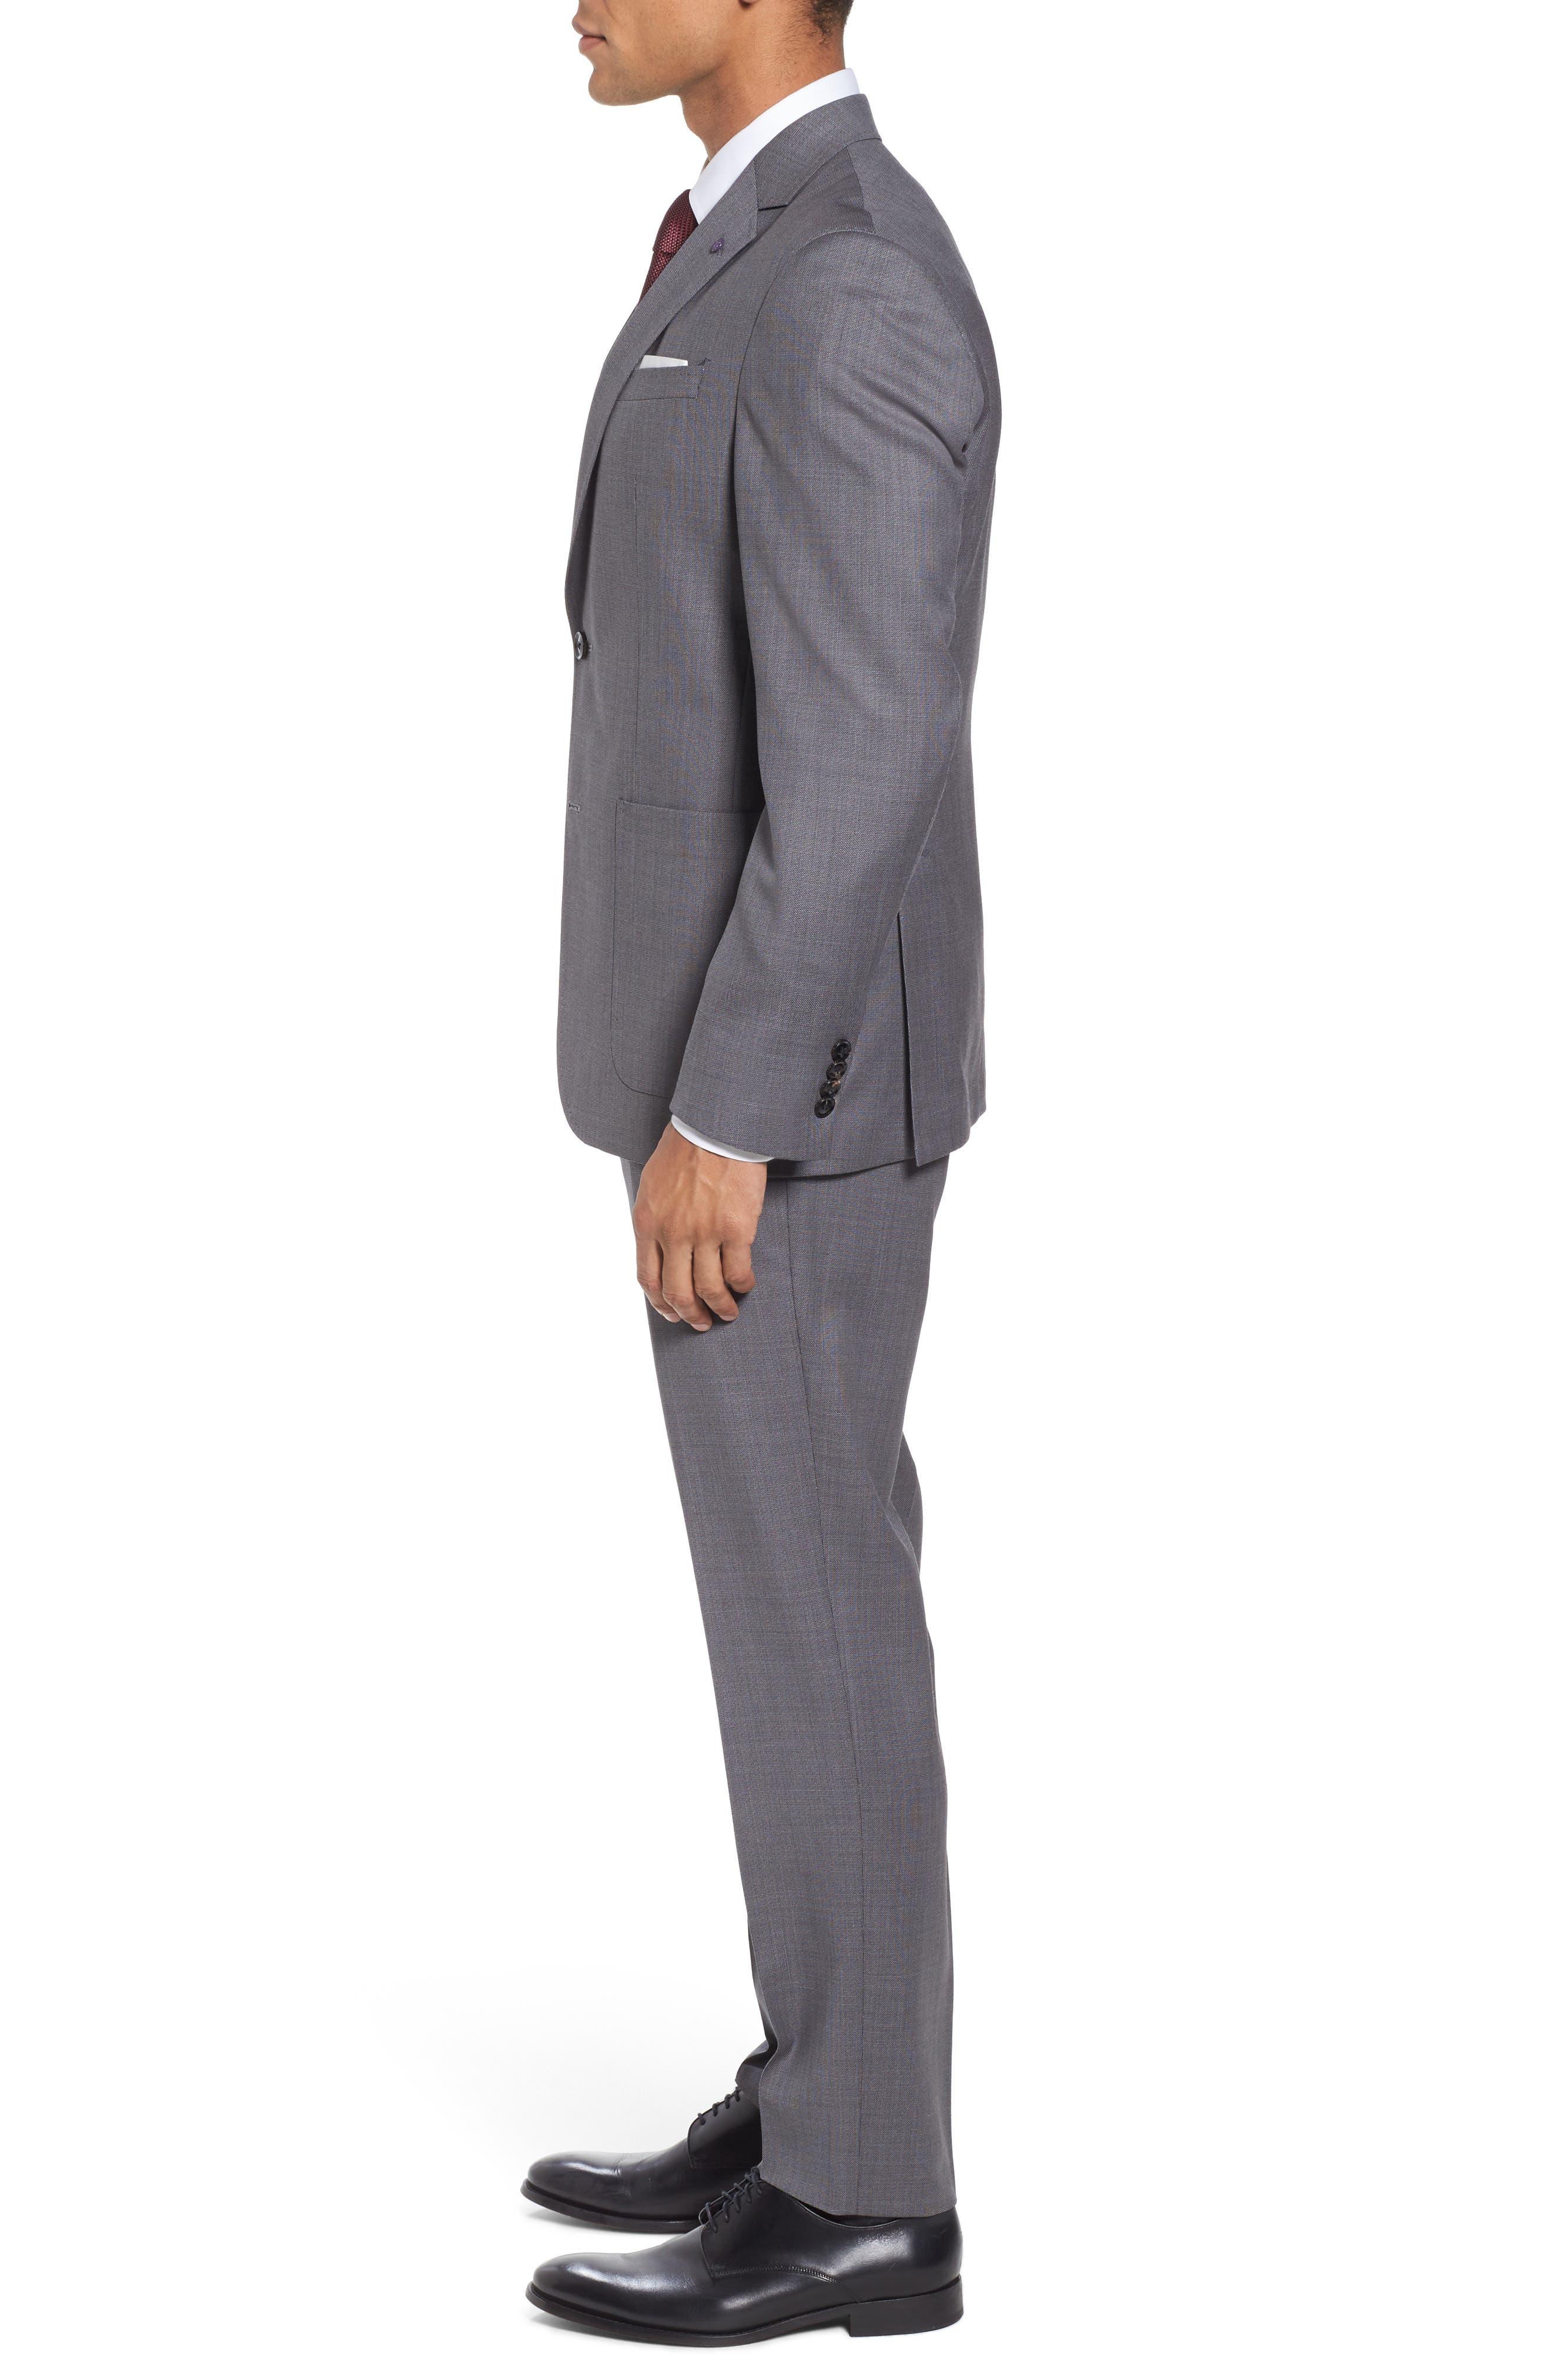 Kyle Trim Fit Solid Wool Suit,                             Alternate thumbnail 3, color,                             020